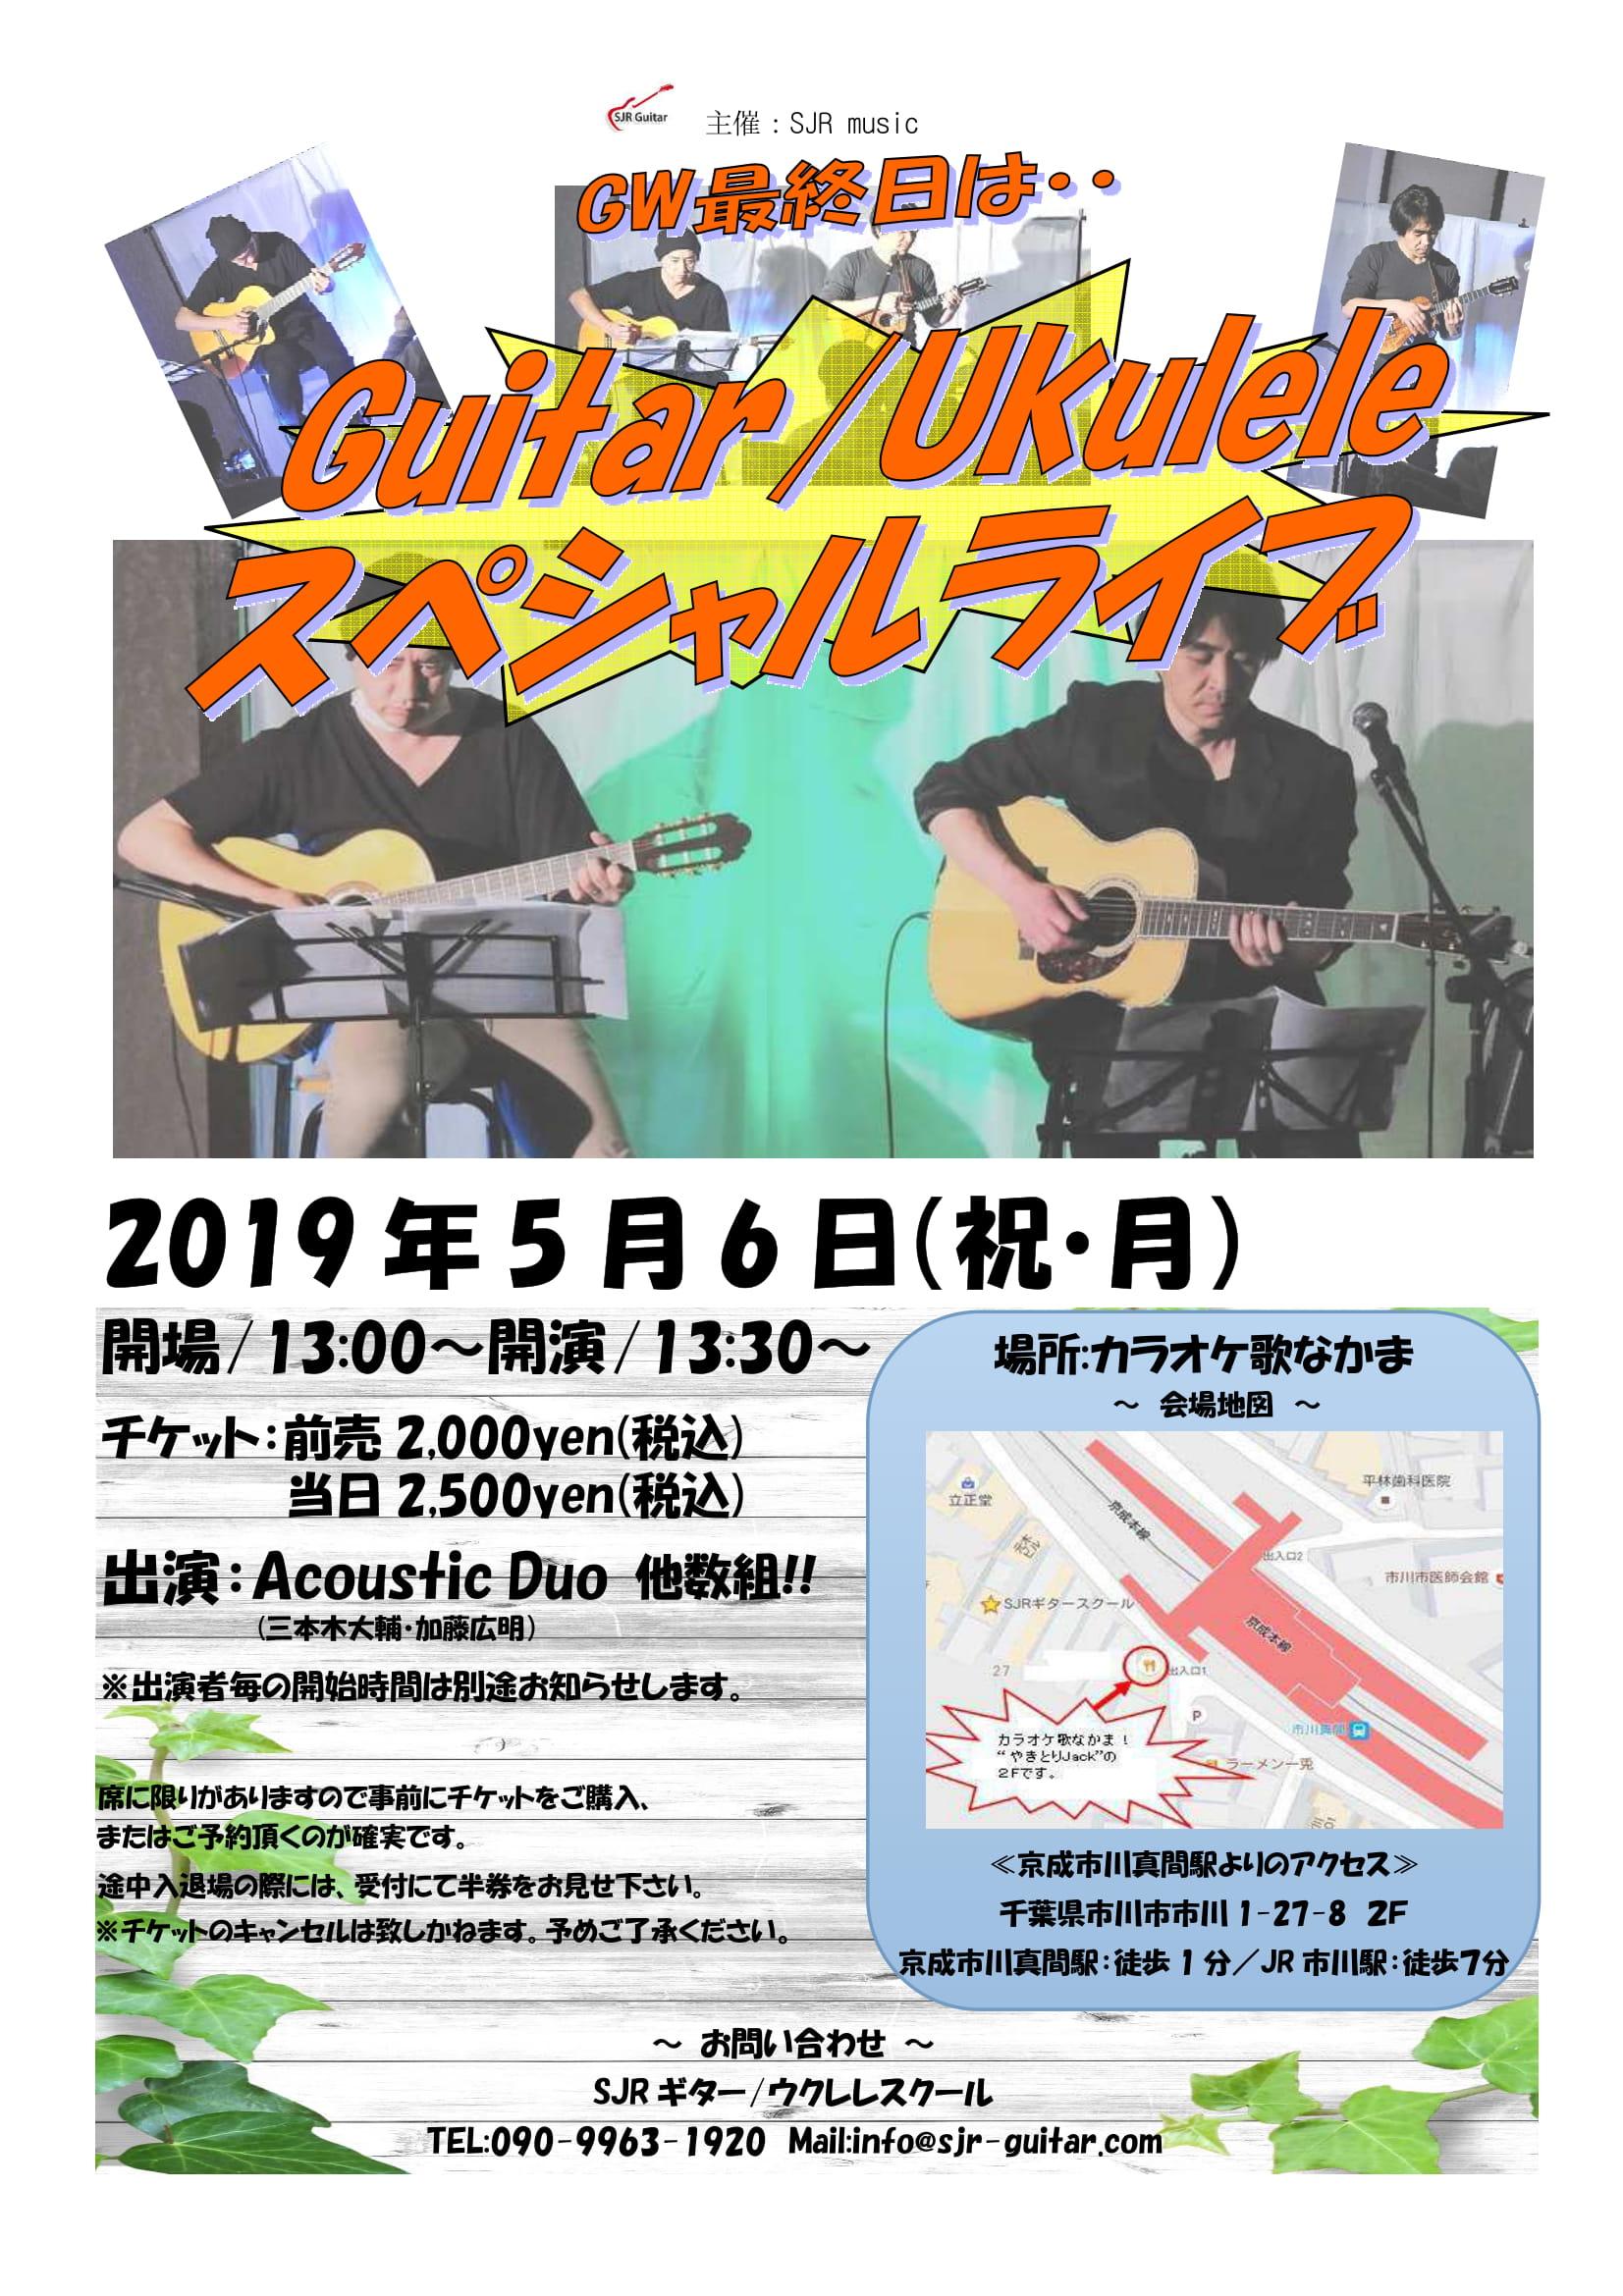 2019 0506ライブフライヤ ブログ用 2-1